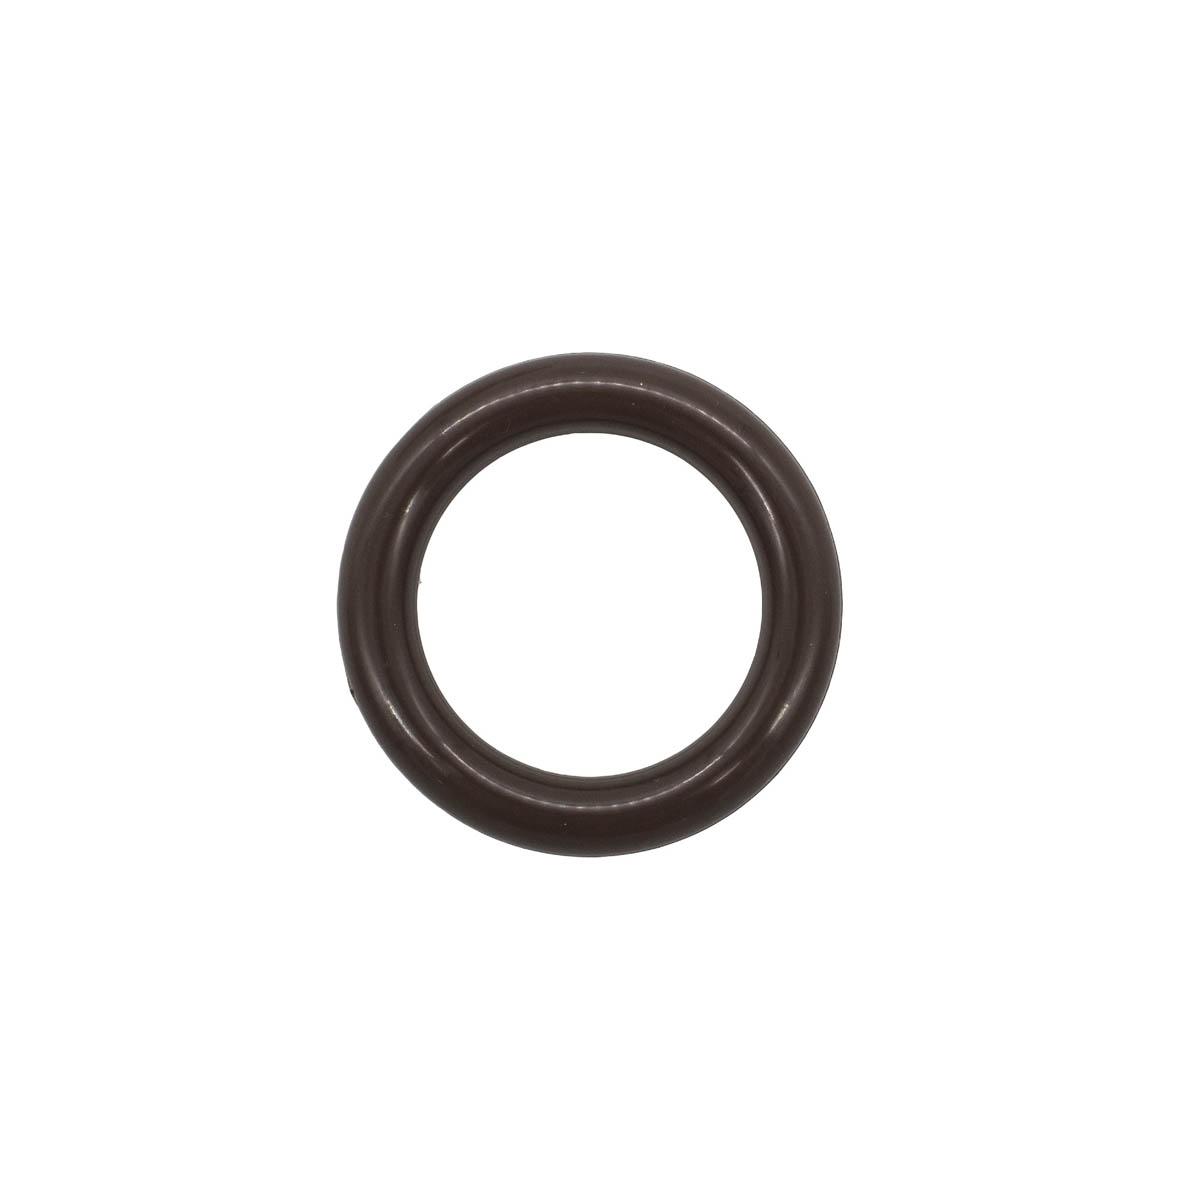 719 Кольцо для карнизов, темно-коричневый, d=55/37 мм, упак./50 шт